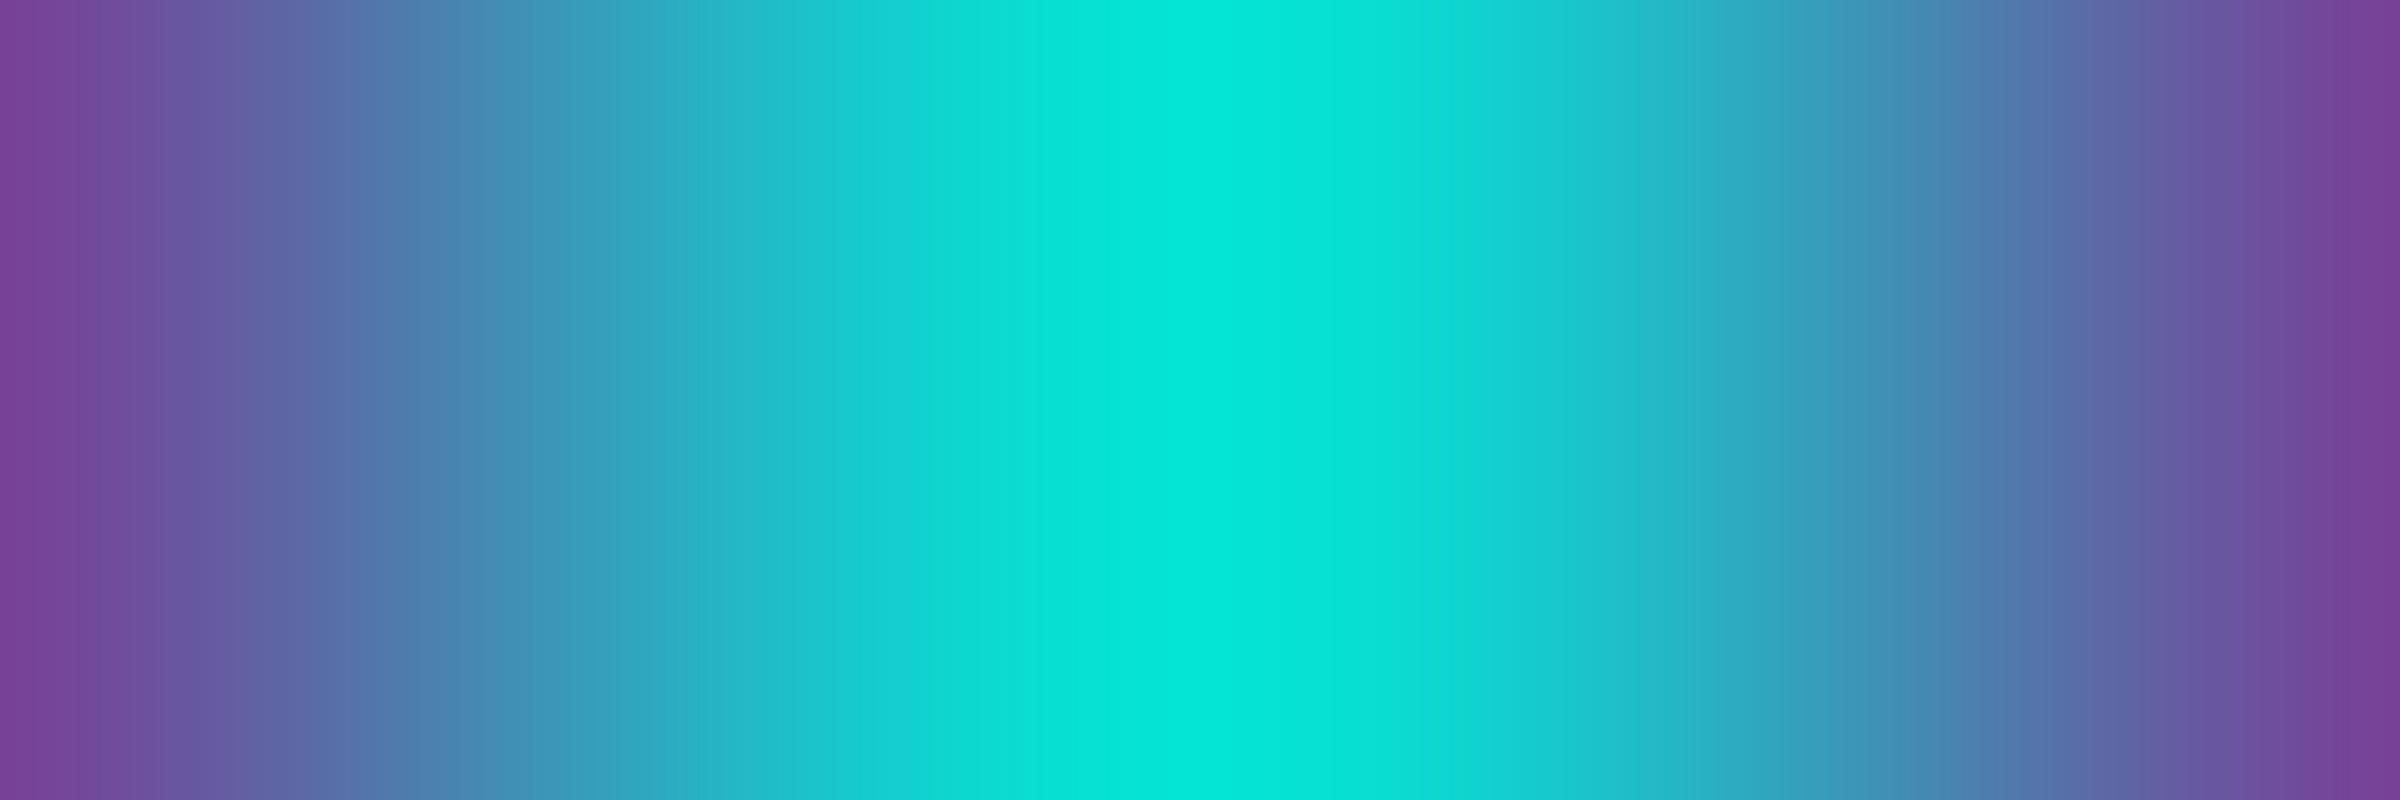 teal_gradient-1.jpeg